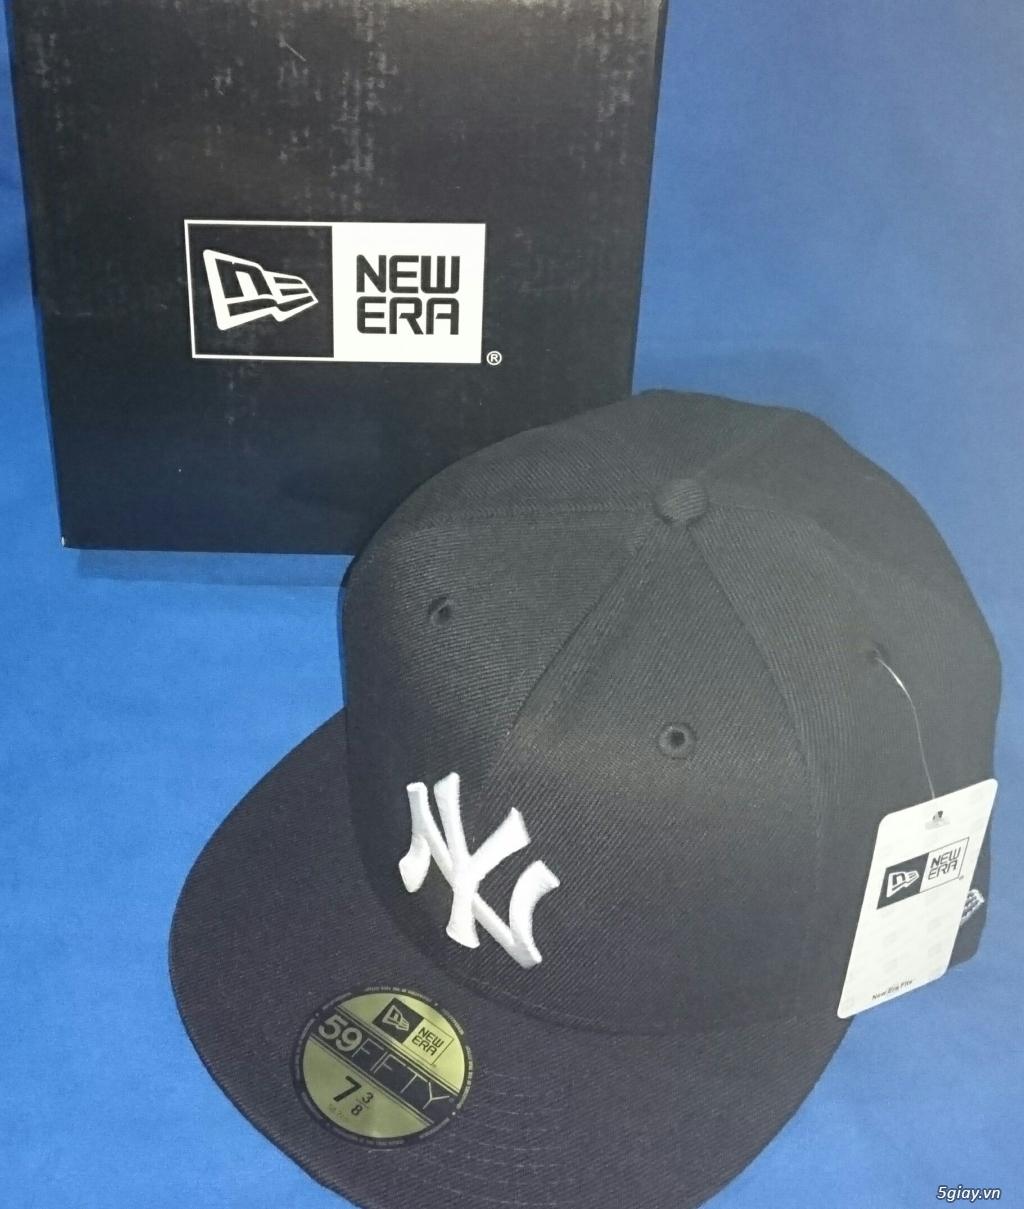 Áo khoác Adidas & Nike , Nón NY, LA A's (hàng nhập nhé các bạn) - 19